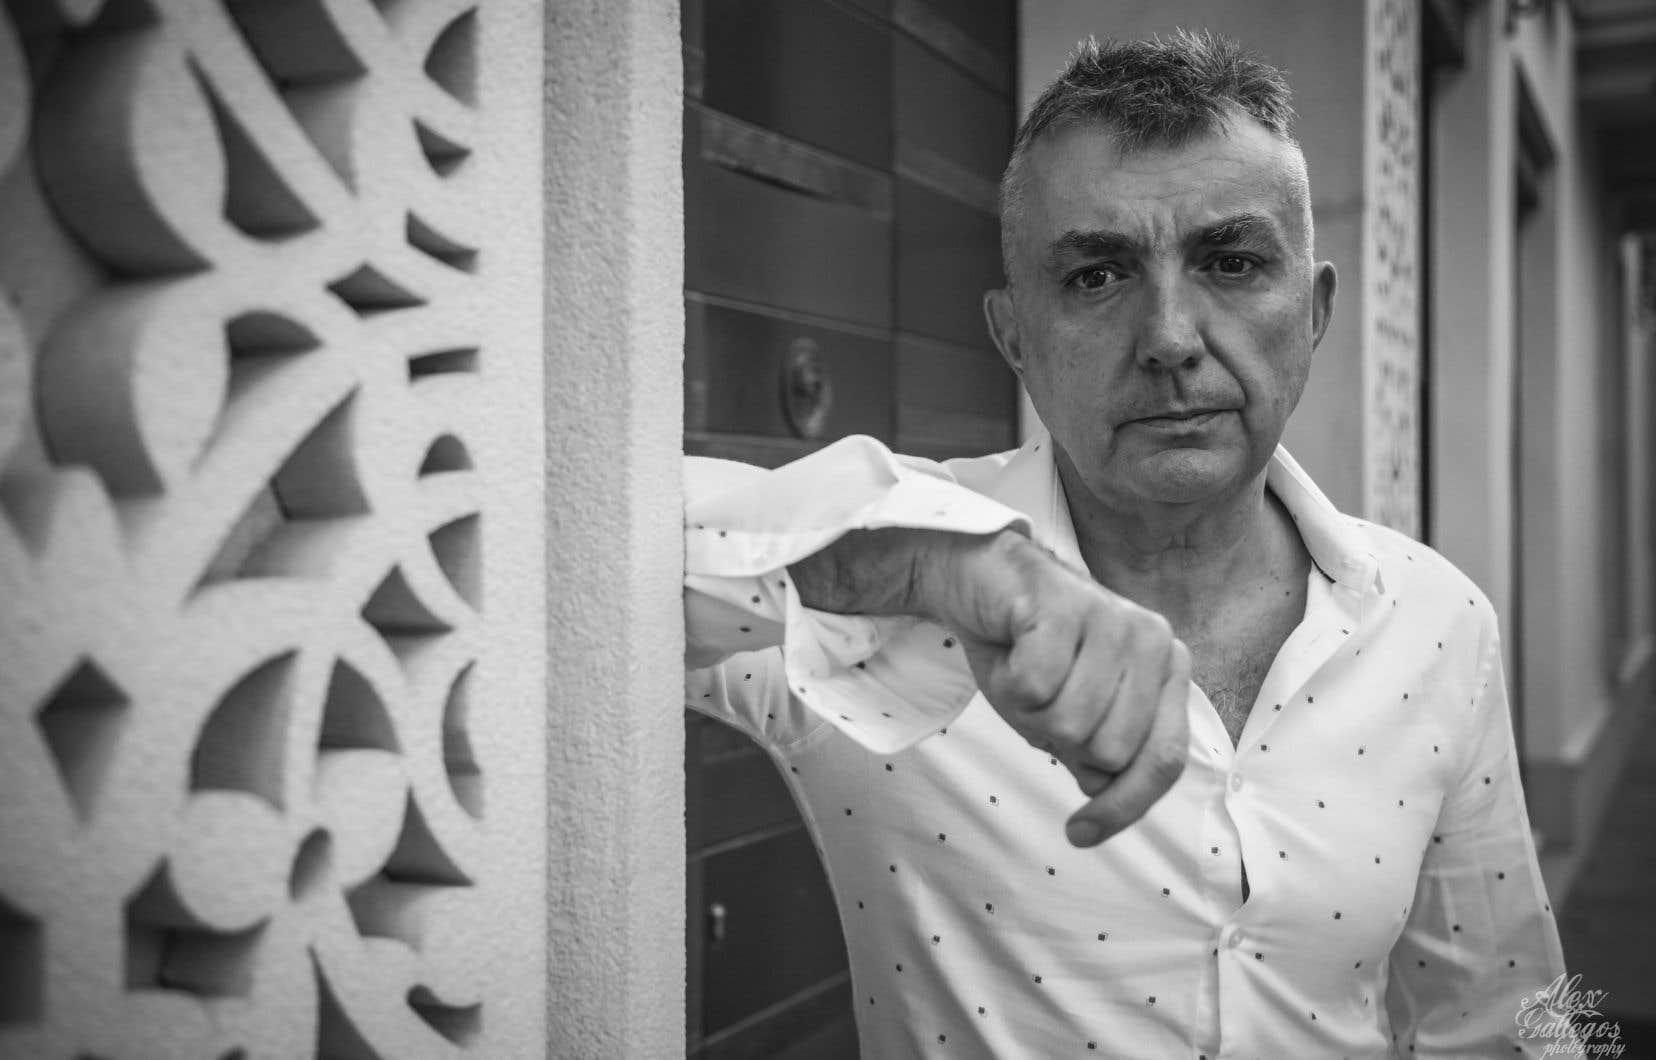 Le romancier, poète et essayiste de 58ans livre une autre mise à nu  où il affronte la solitude — qui est le lot de tout écrivain — et le monstre de la maladie mentale.